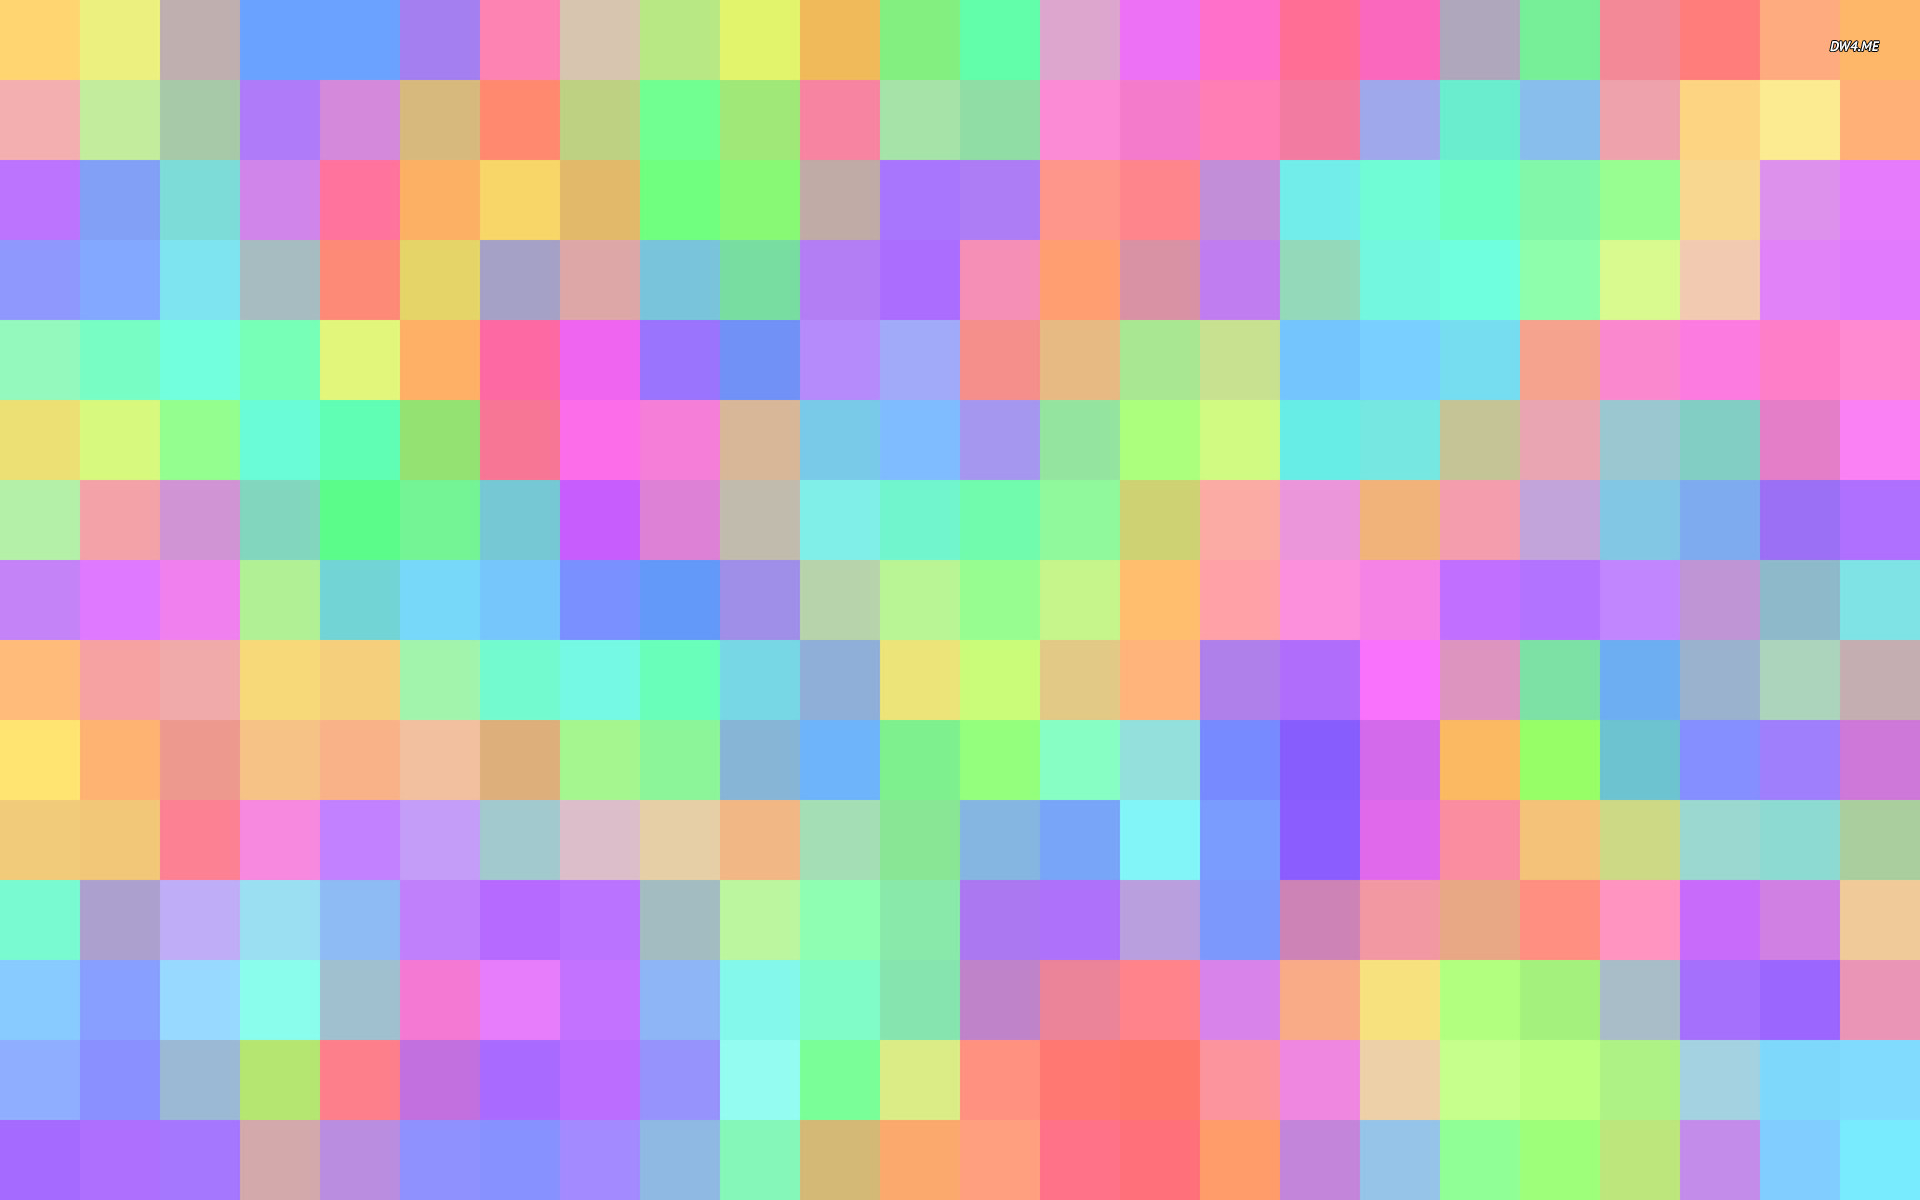 Pastel squares wallpaper Tumblr Backgrounds Pastel Grunge